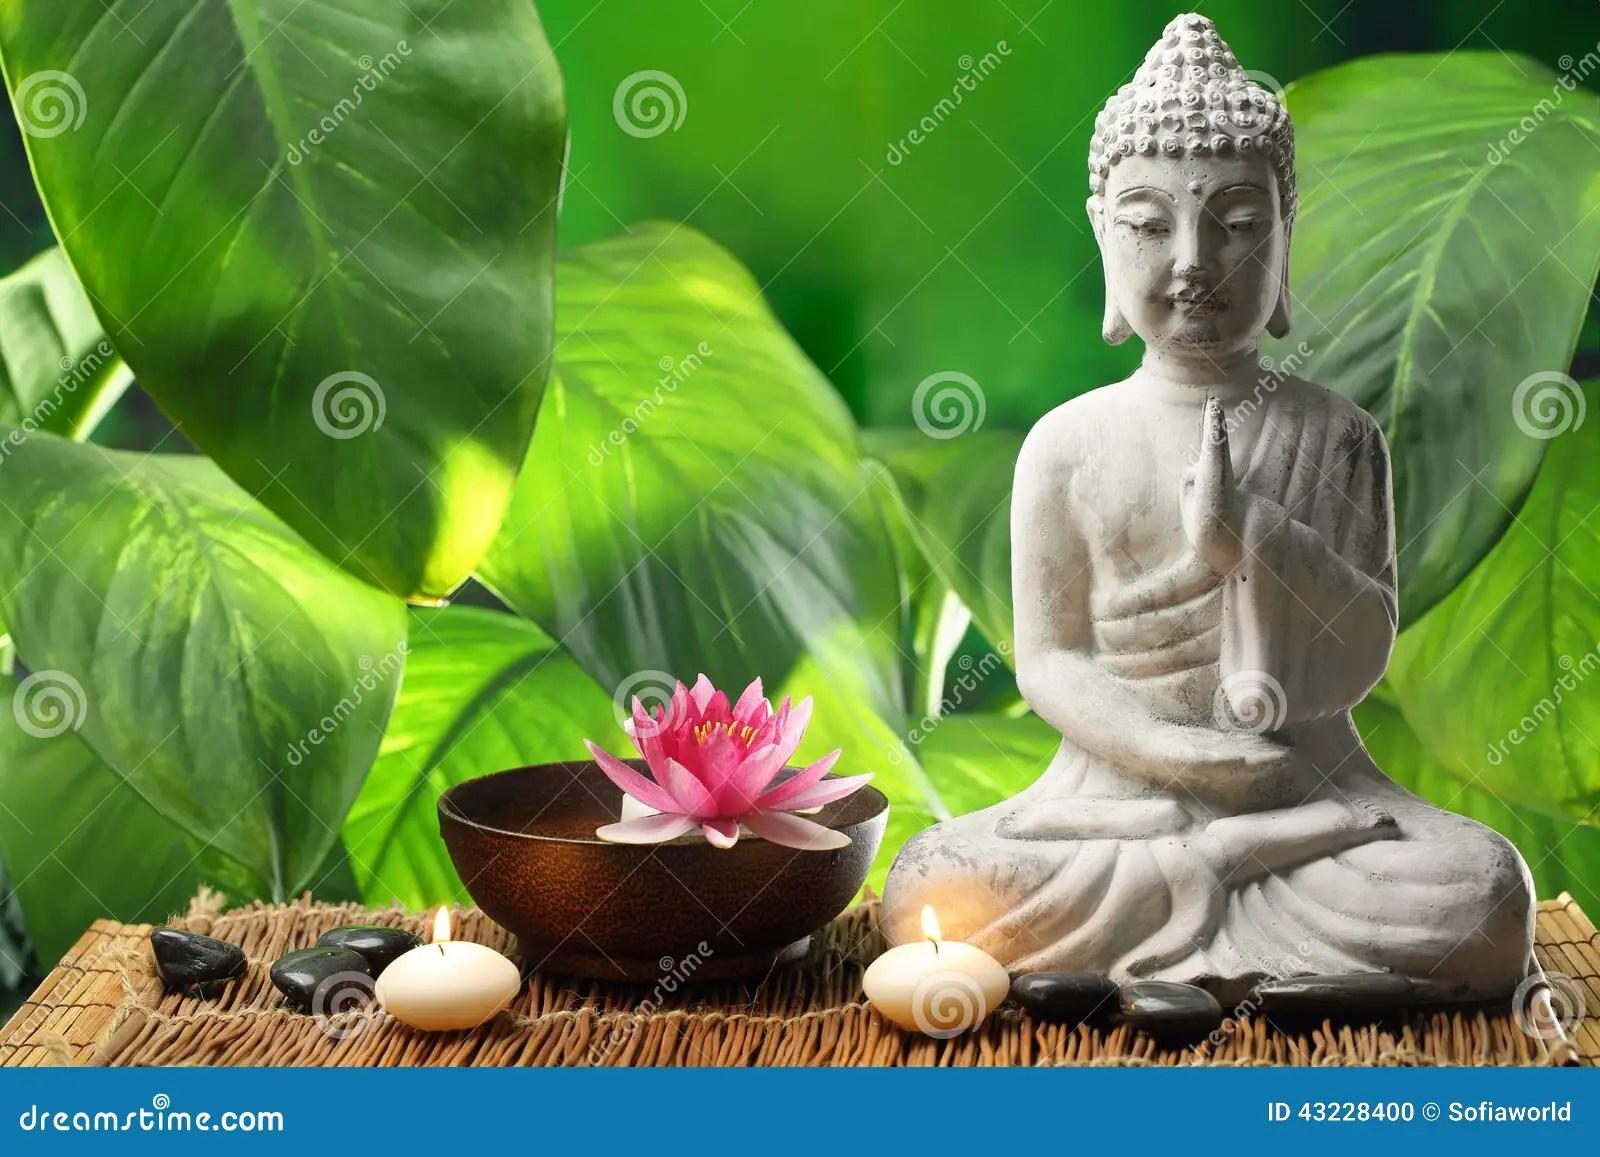 3d Candle Live Wallpaper Bouddha Dans La M 233 Ditation Photo Stock Image Du S 233 R 233 Nit 233